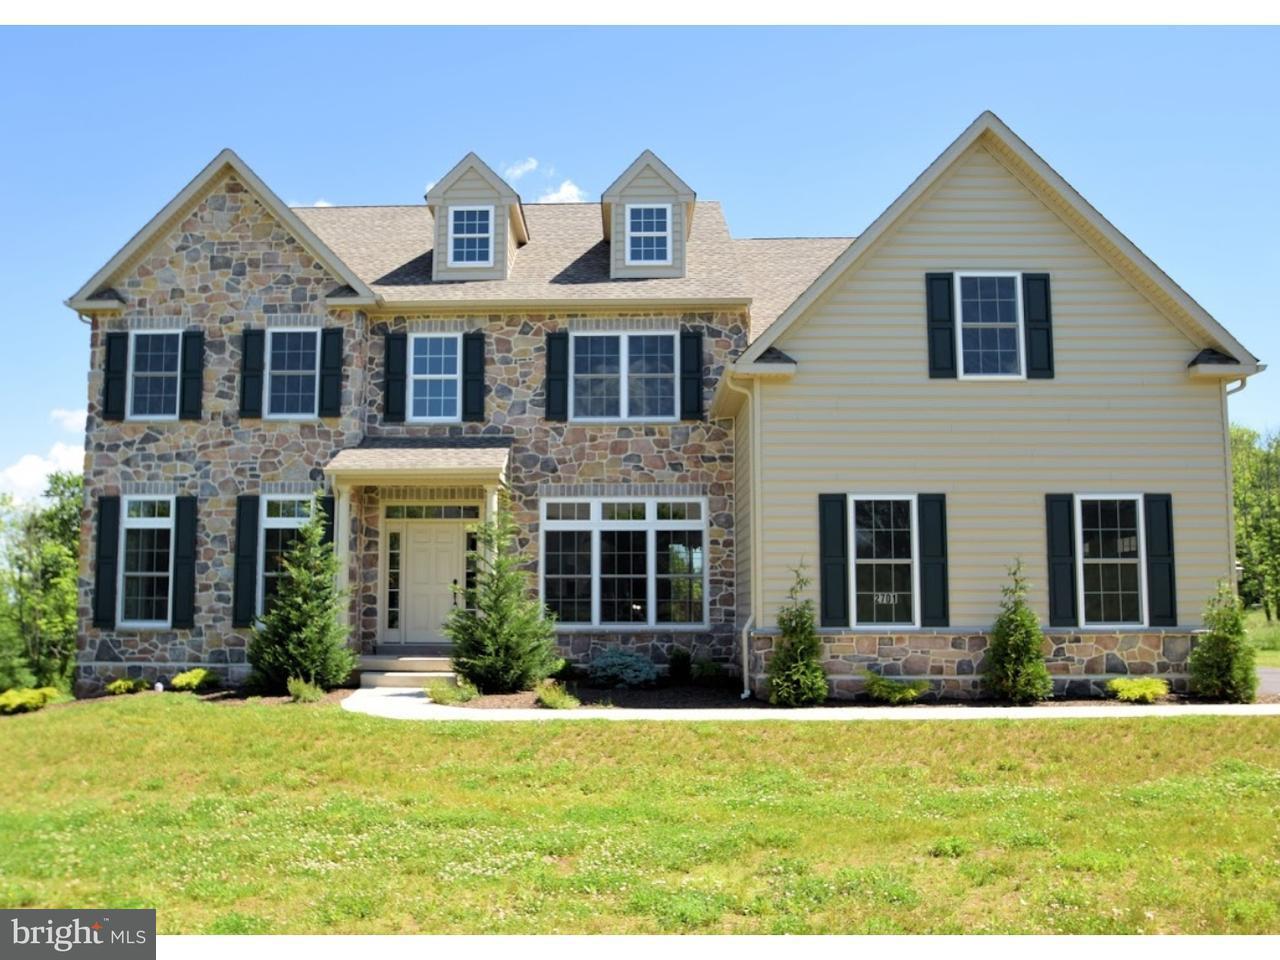 Maison unifamiliale pour l Vente à 2701 APPLEWOOD Drive Worcester, Pennsylvanie 19403 États-Unis